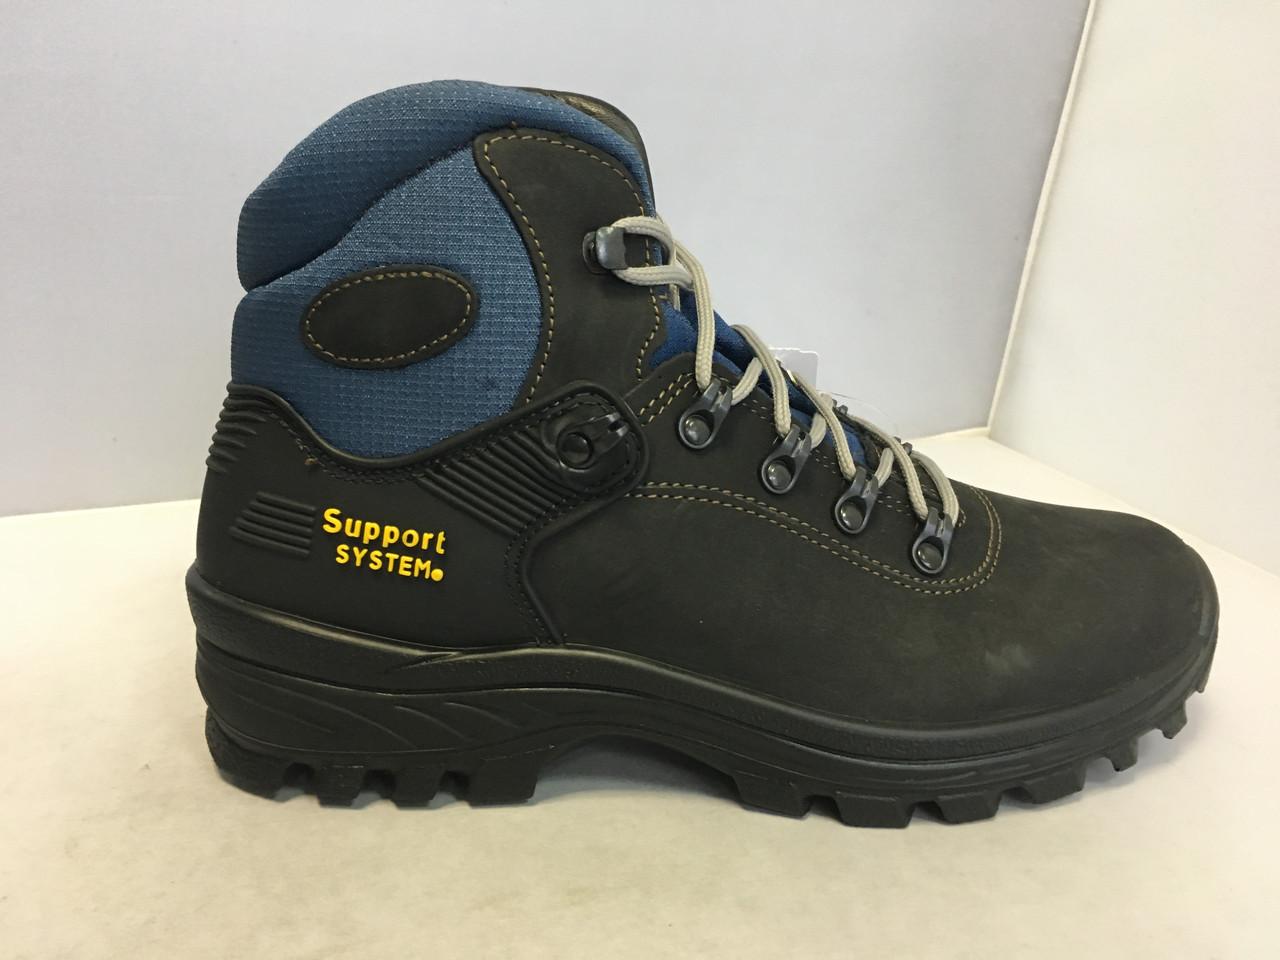 Зимние ботинки Grisport, 42 размер, фото 1